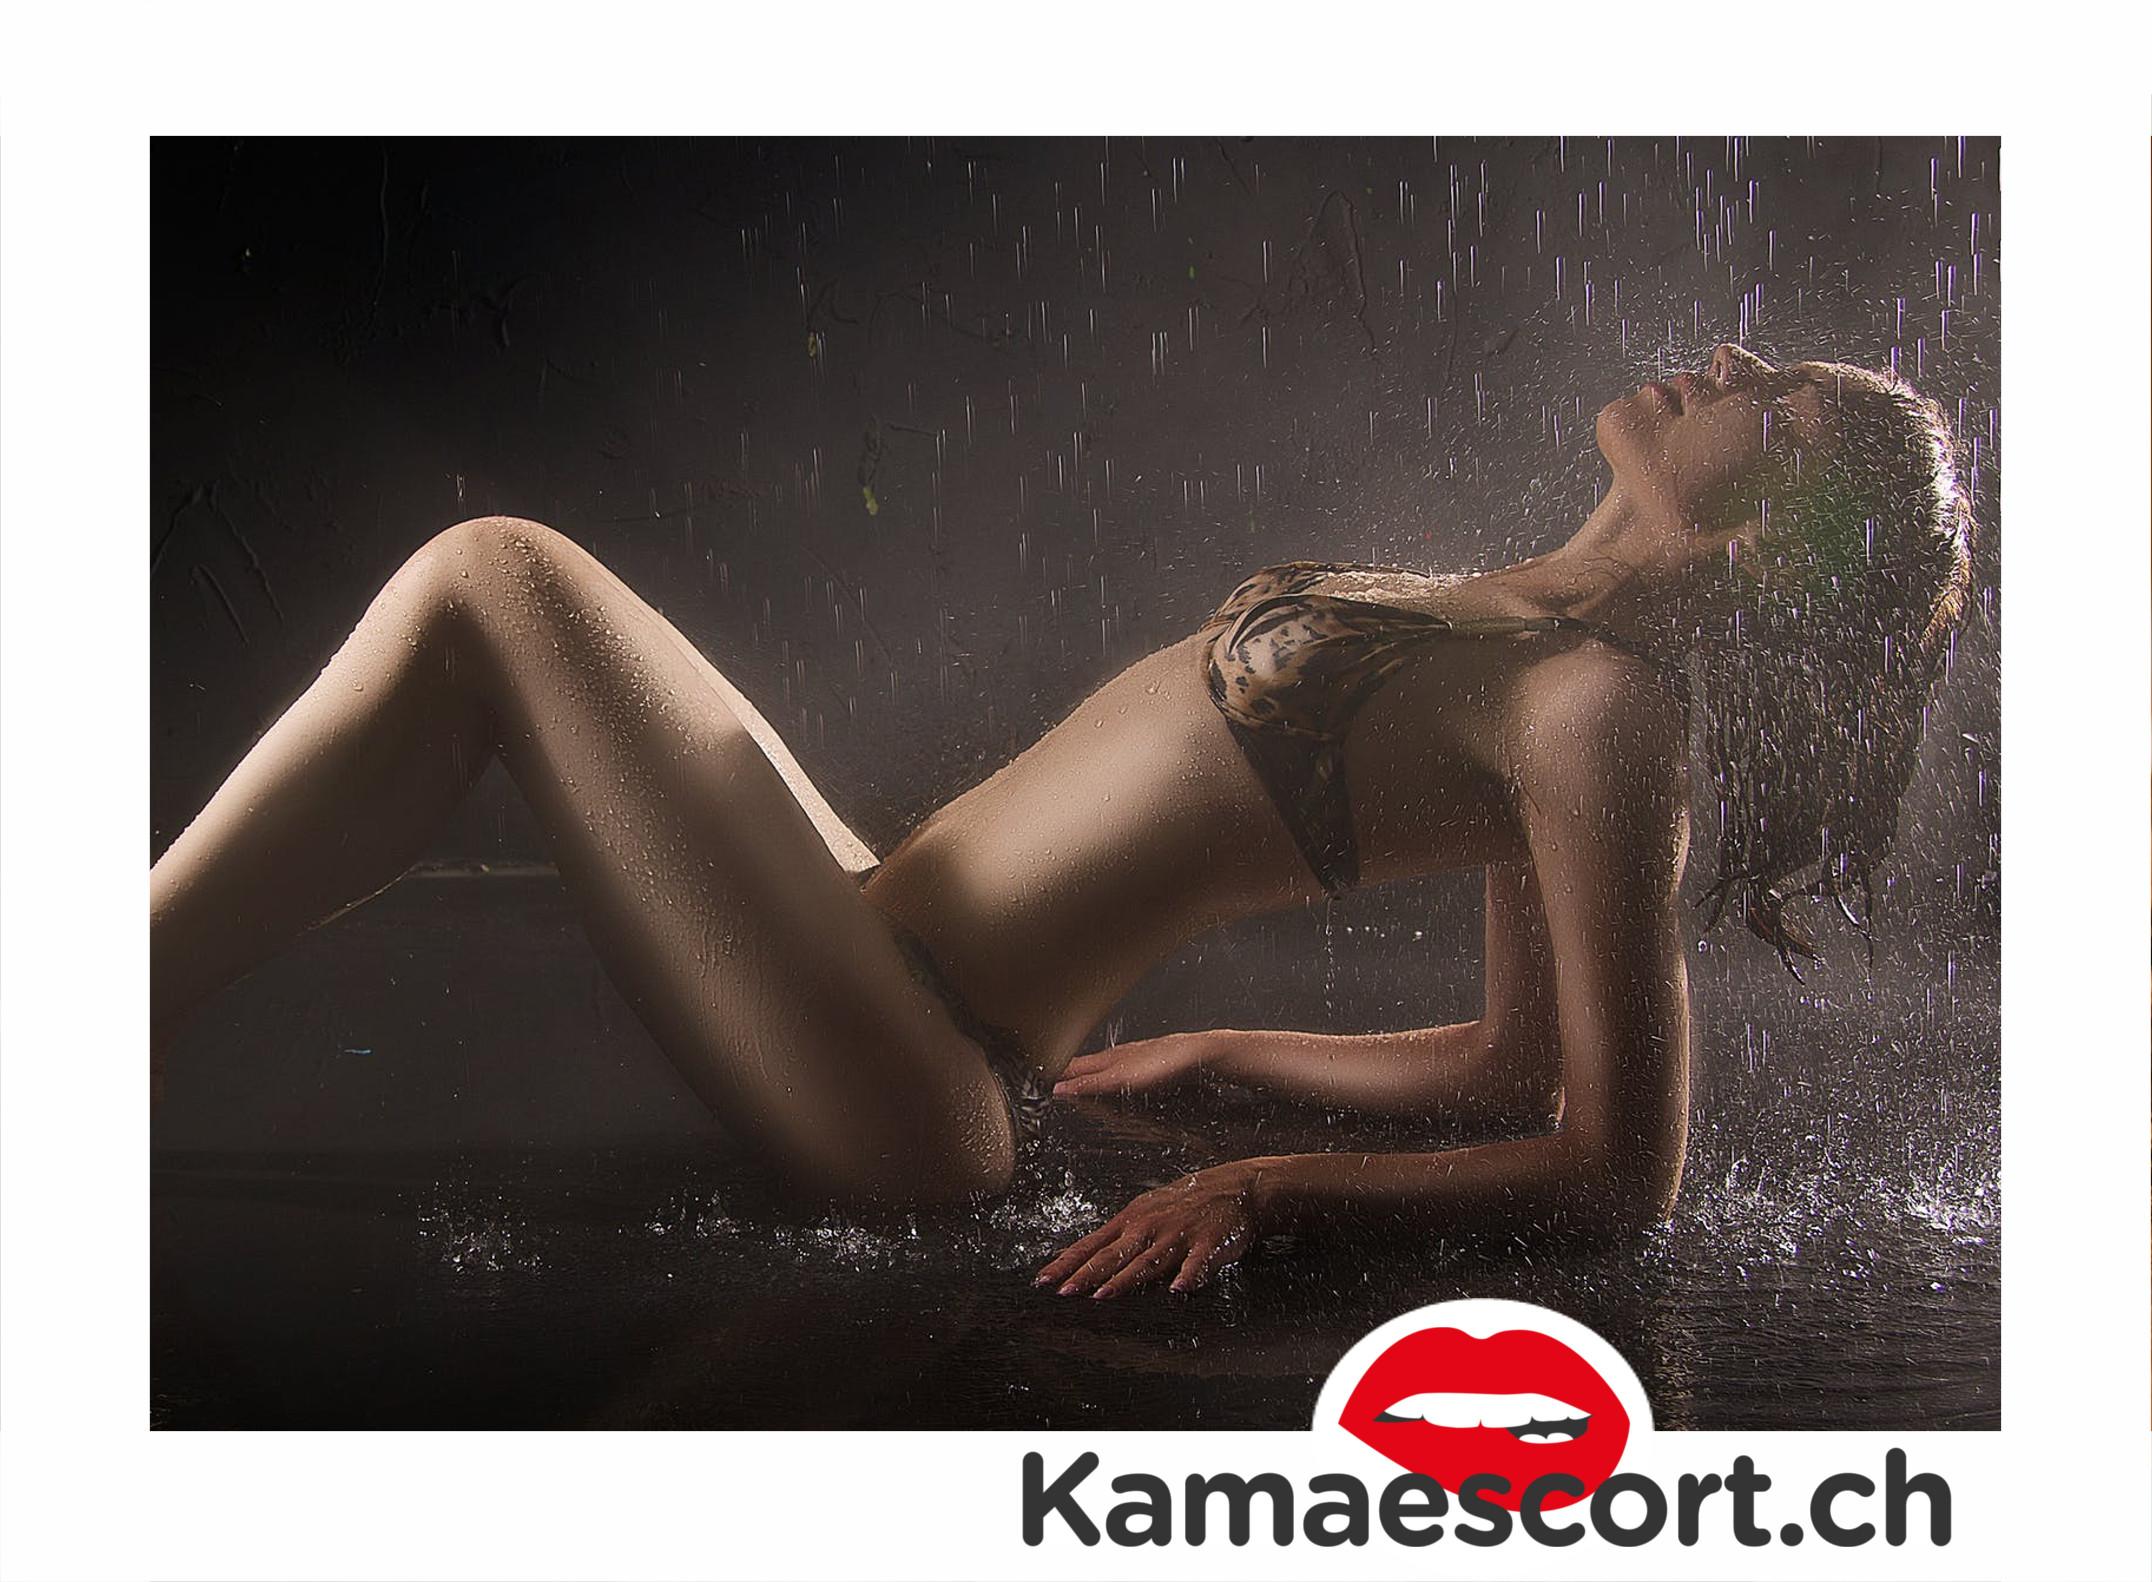 4. KAMAESCORT : Plateforme escort girl Genève - douceurs plaisirs intenses et complices